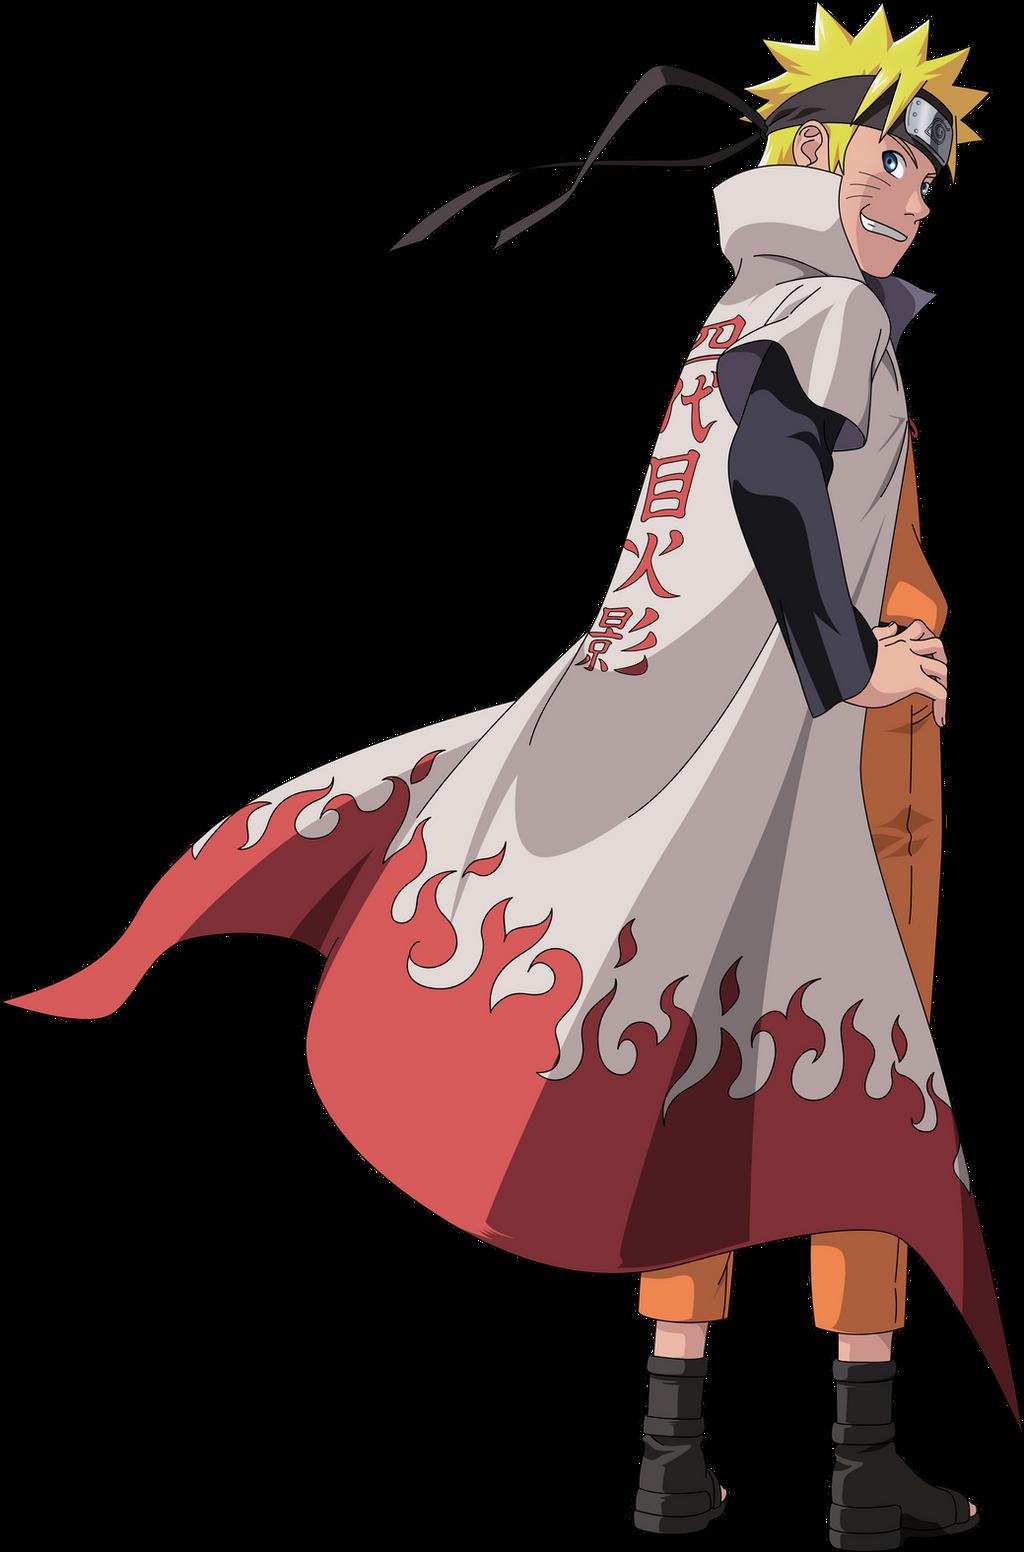 Download Naruto Hokage gegen Sasuke Hokage Bilder